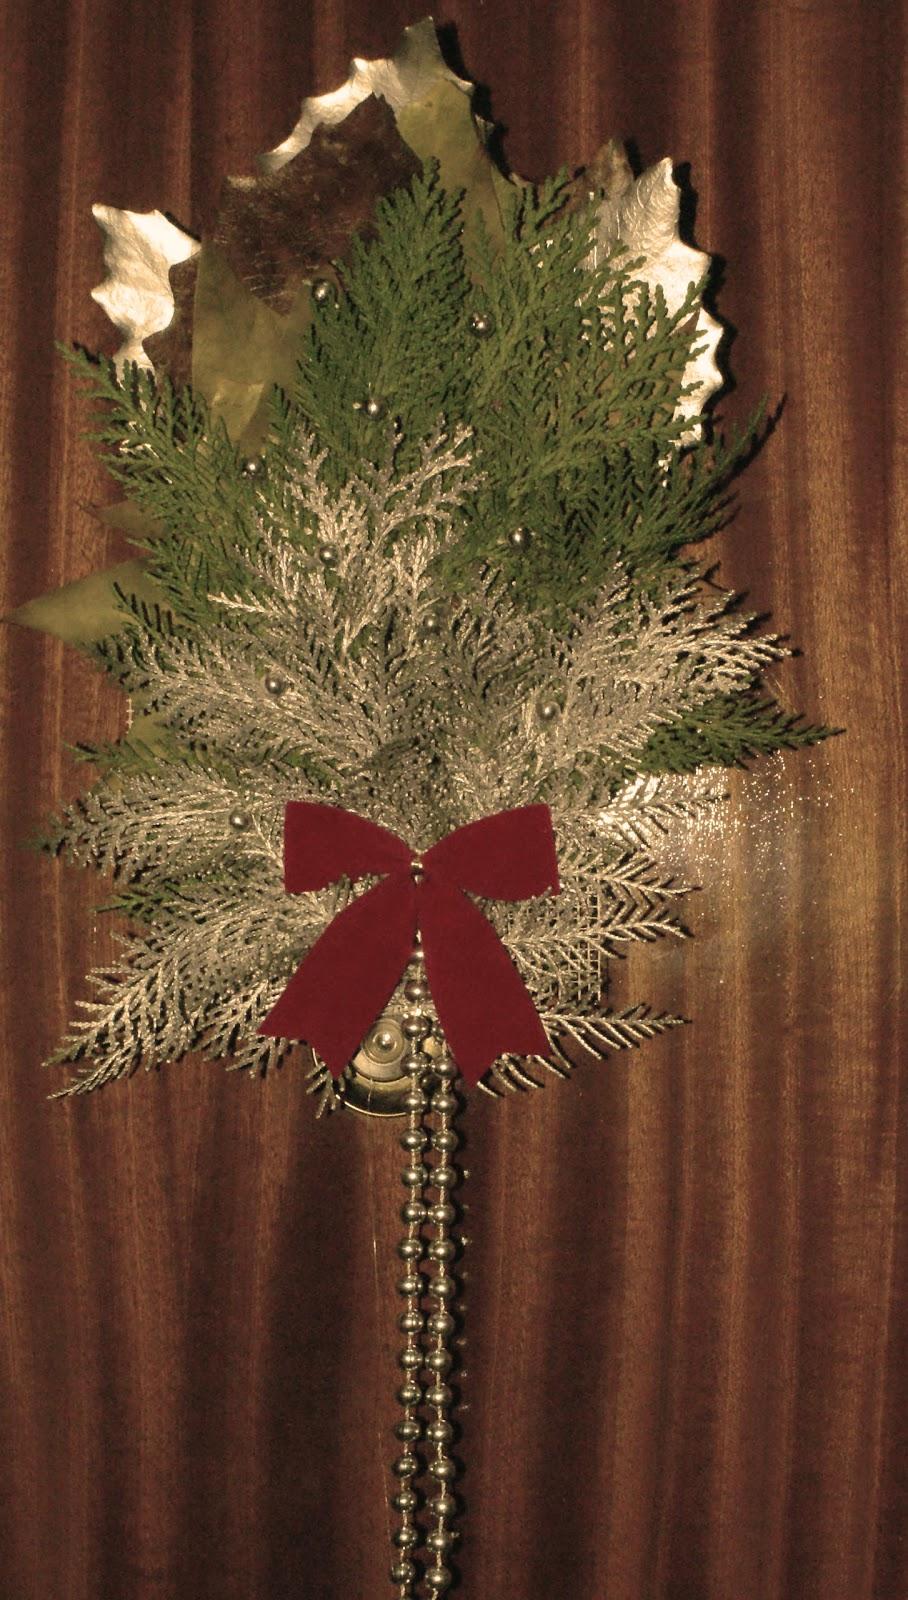 La arqueta con sue os adornos navide os para la puerta de - Adornos de navidad para las puertas ...